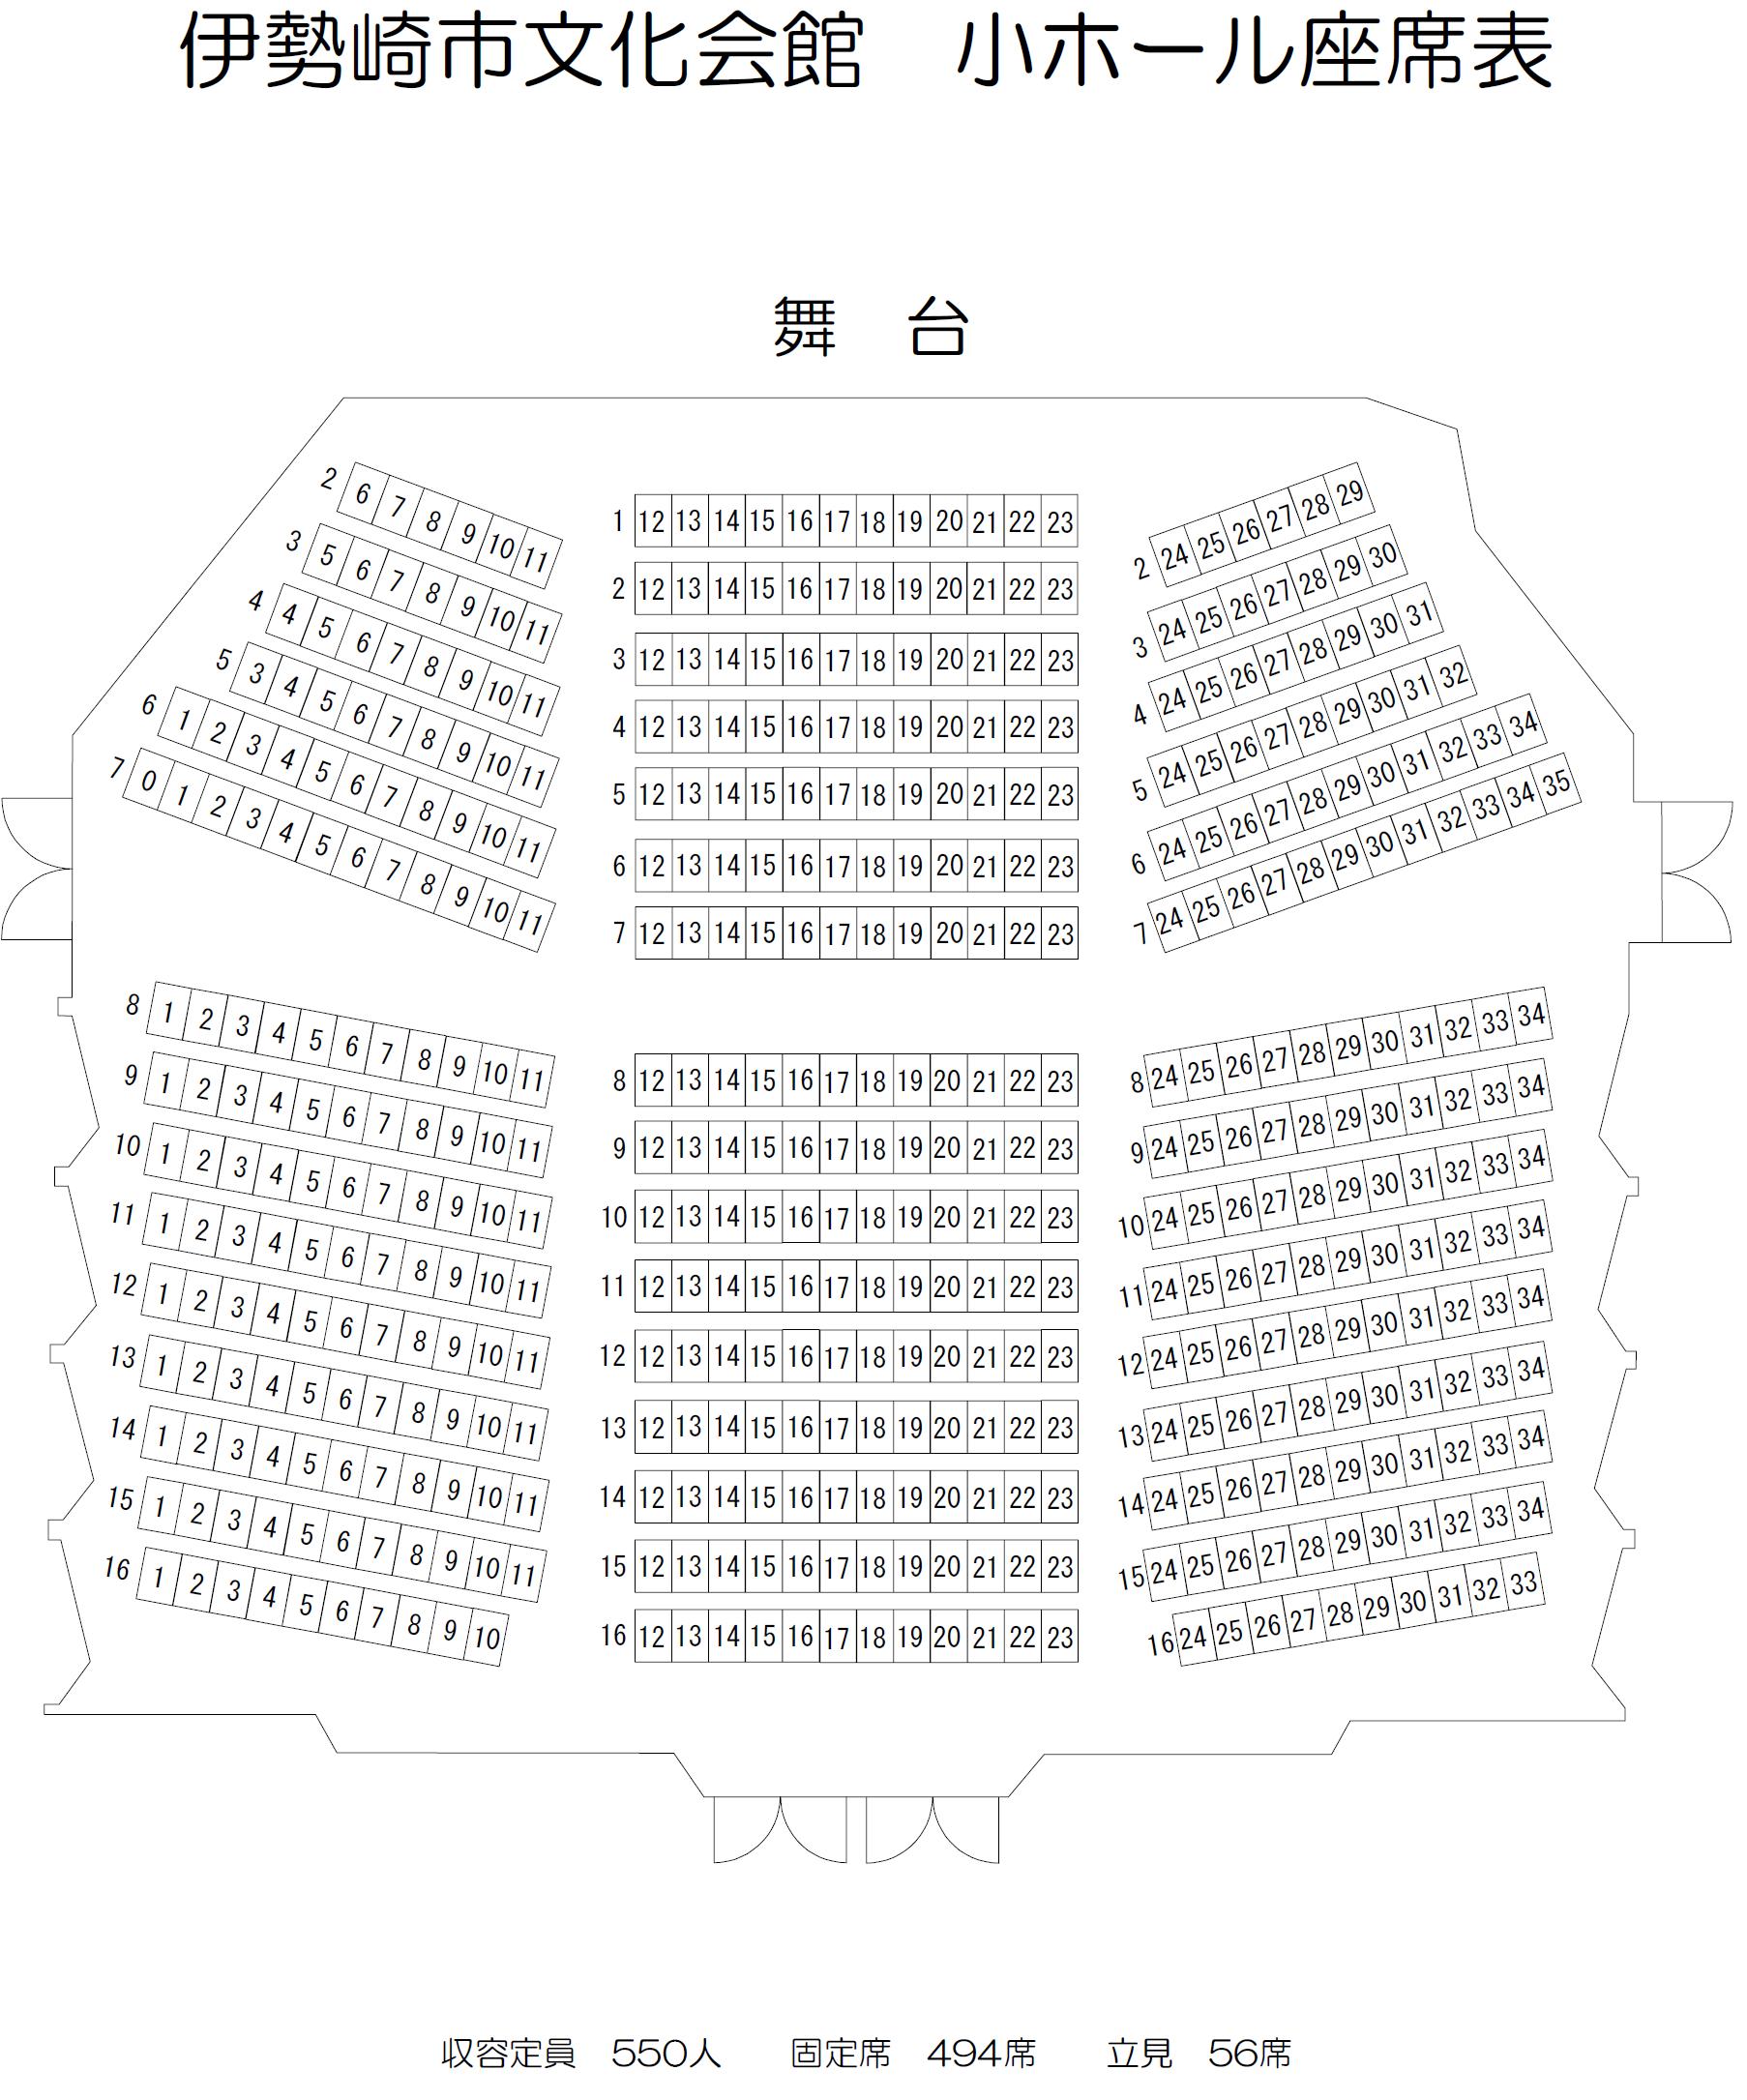 伊勢崎市文化会館座席 小ホール座席表